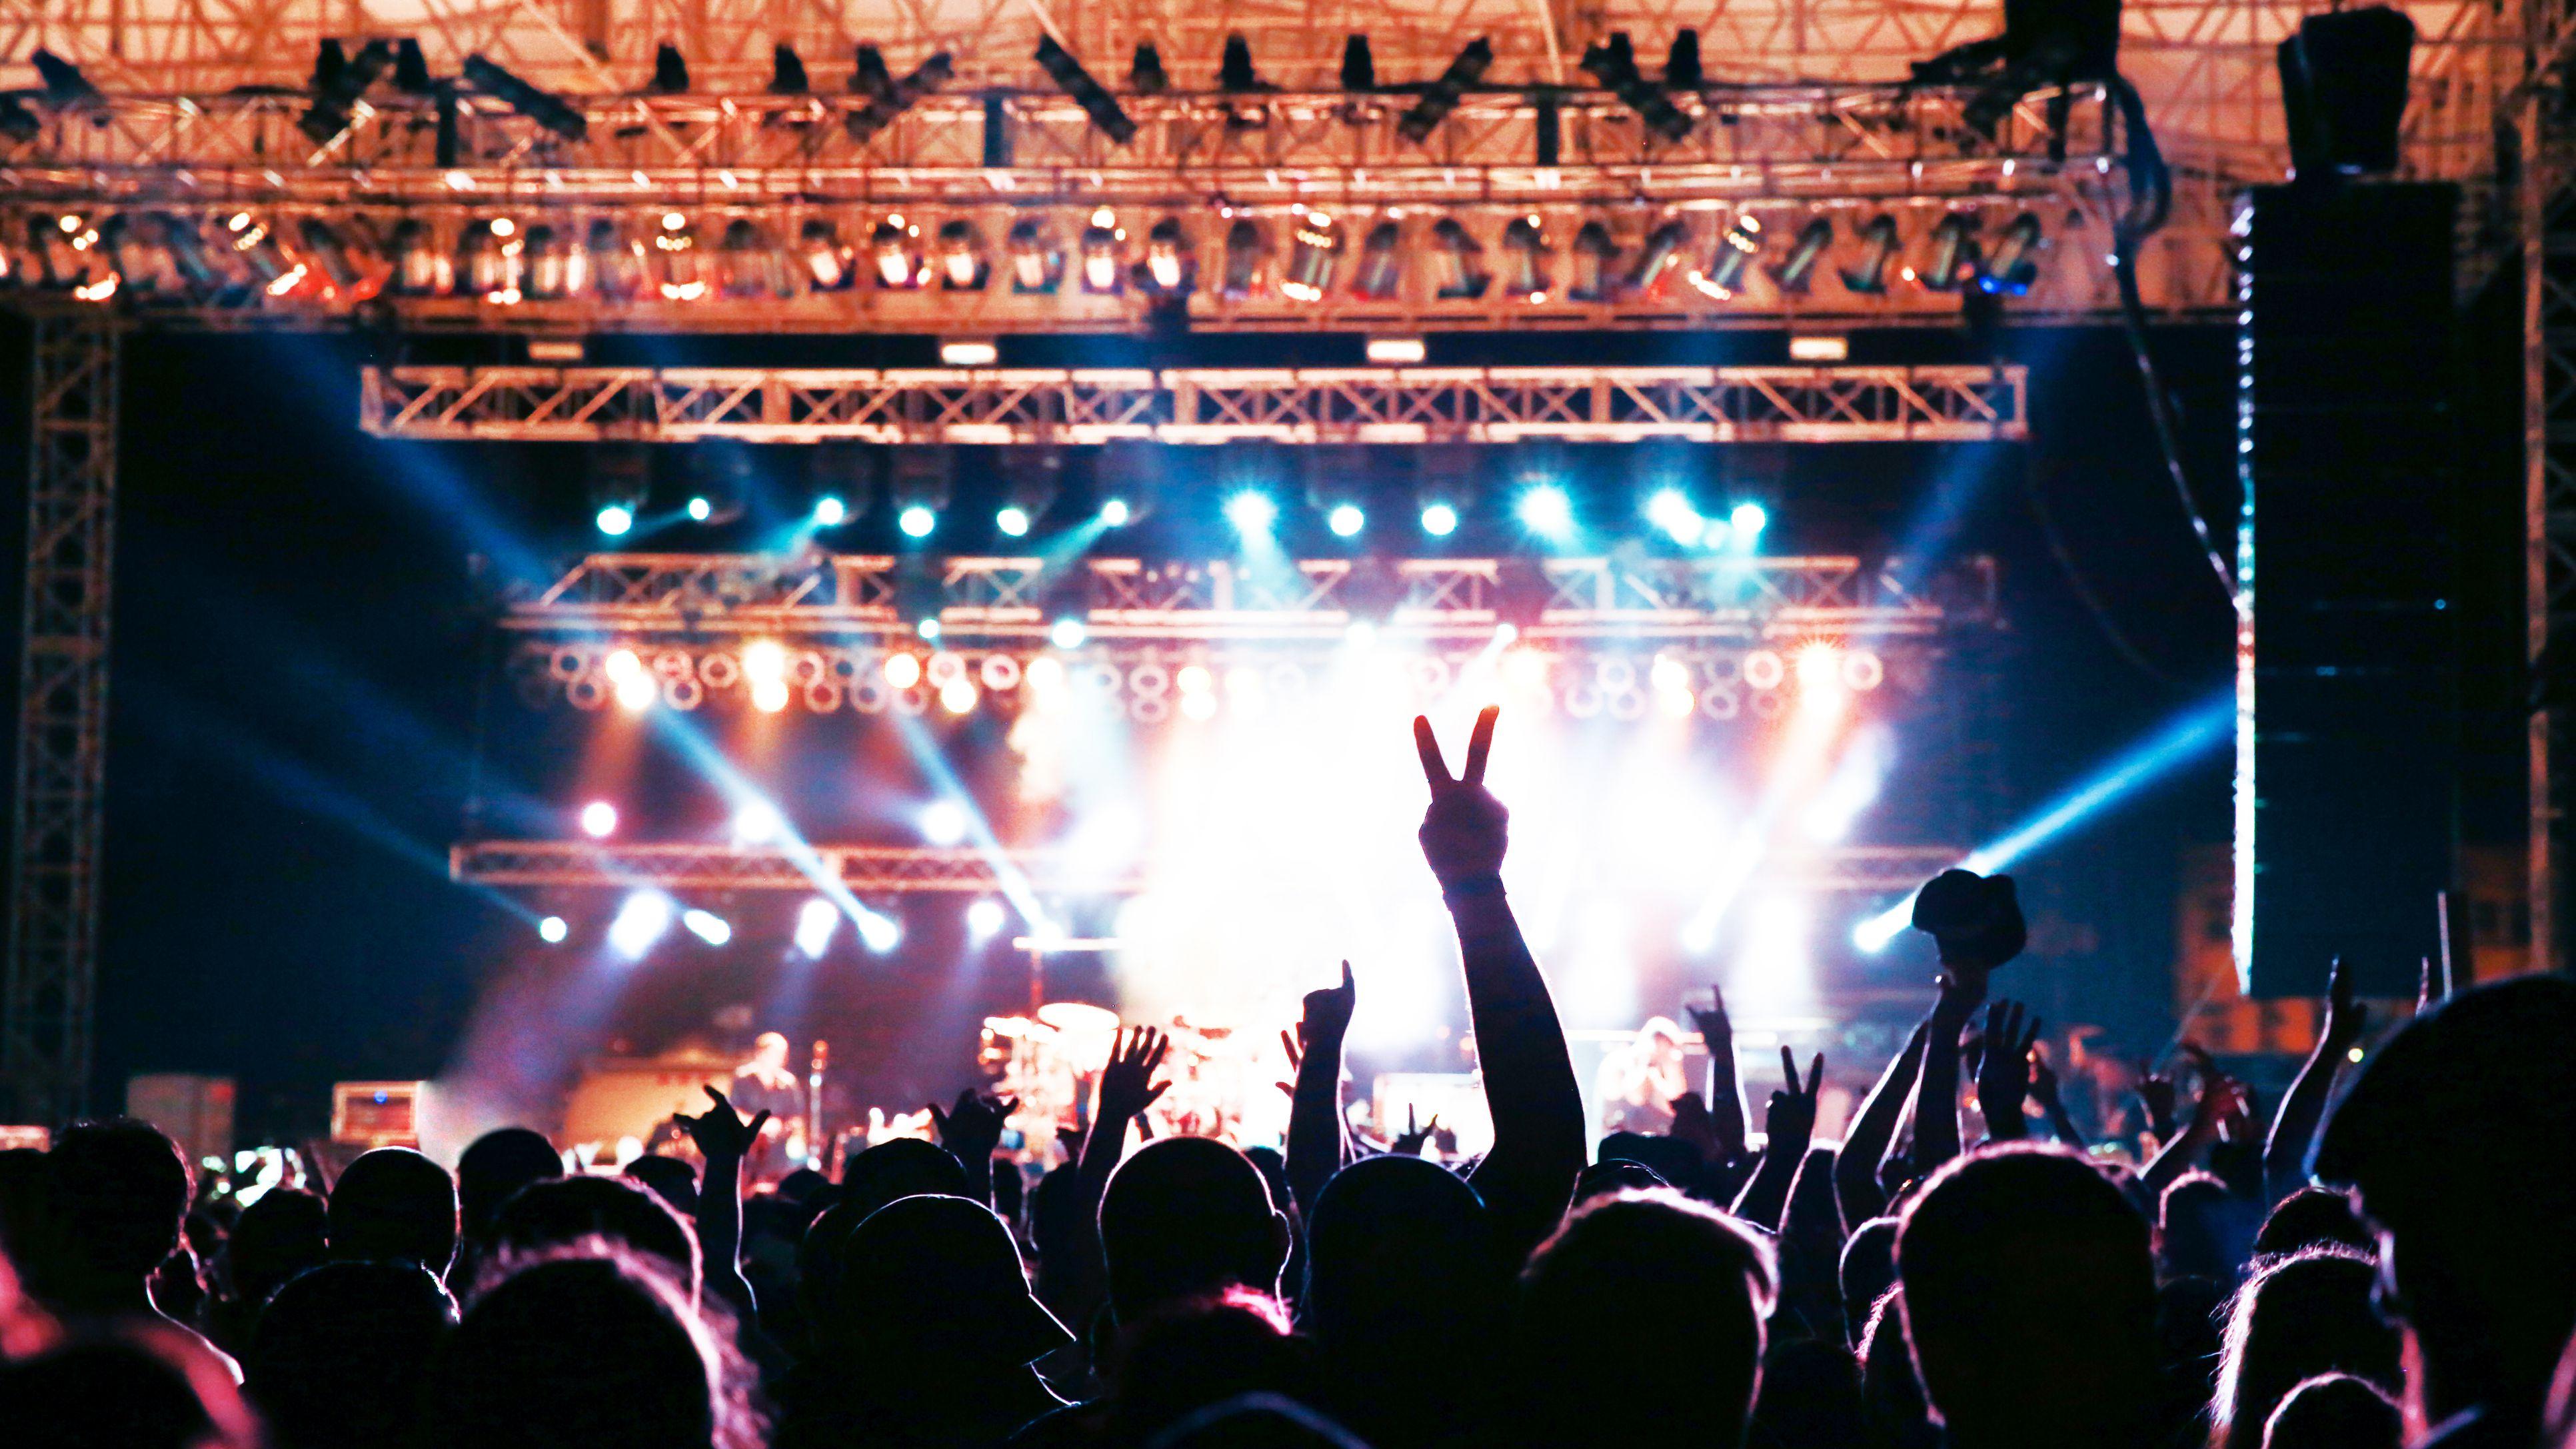 concert-crowd-silhouette-587240081-5b1da0b843a10300360942d9